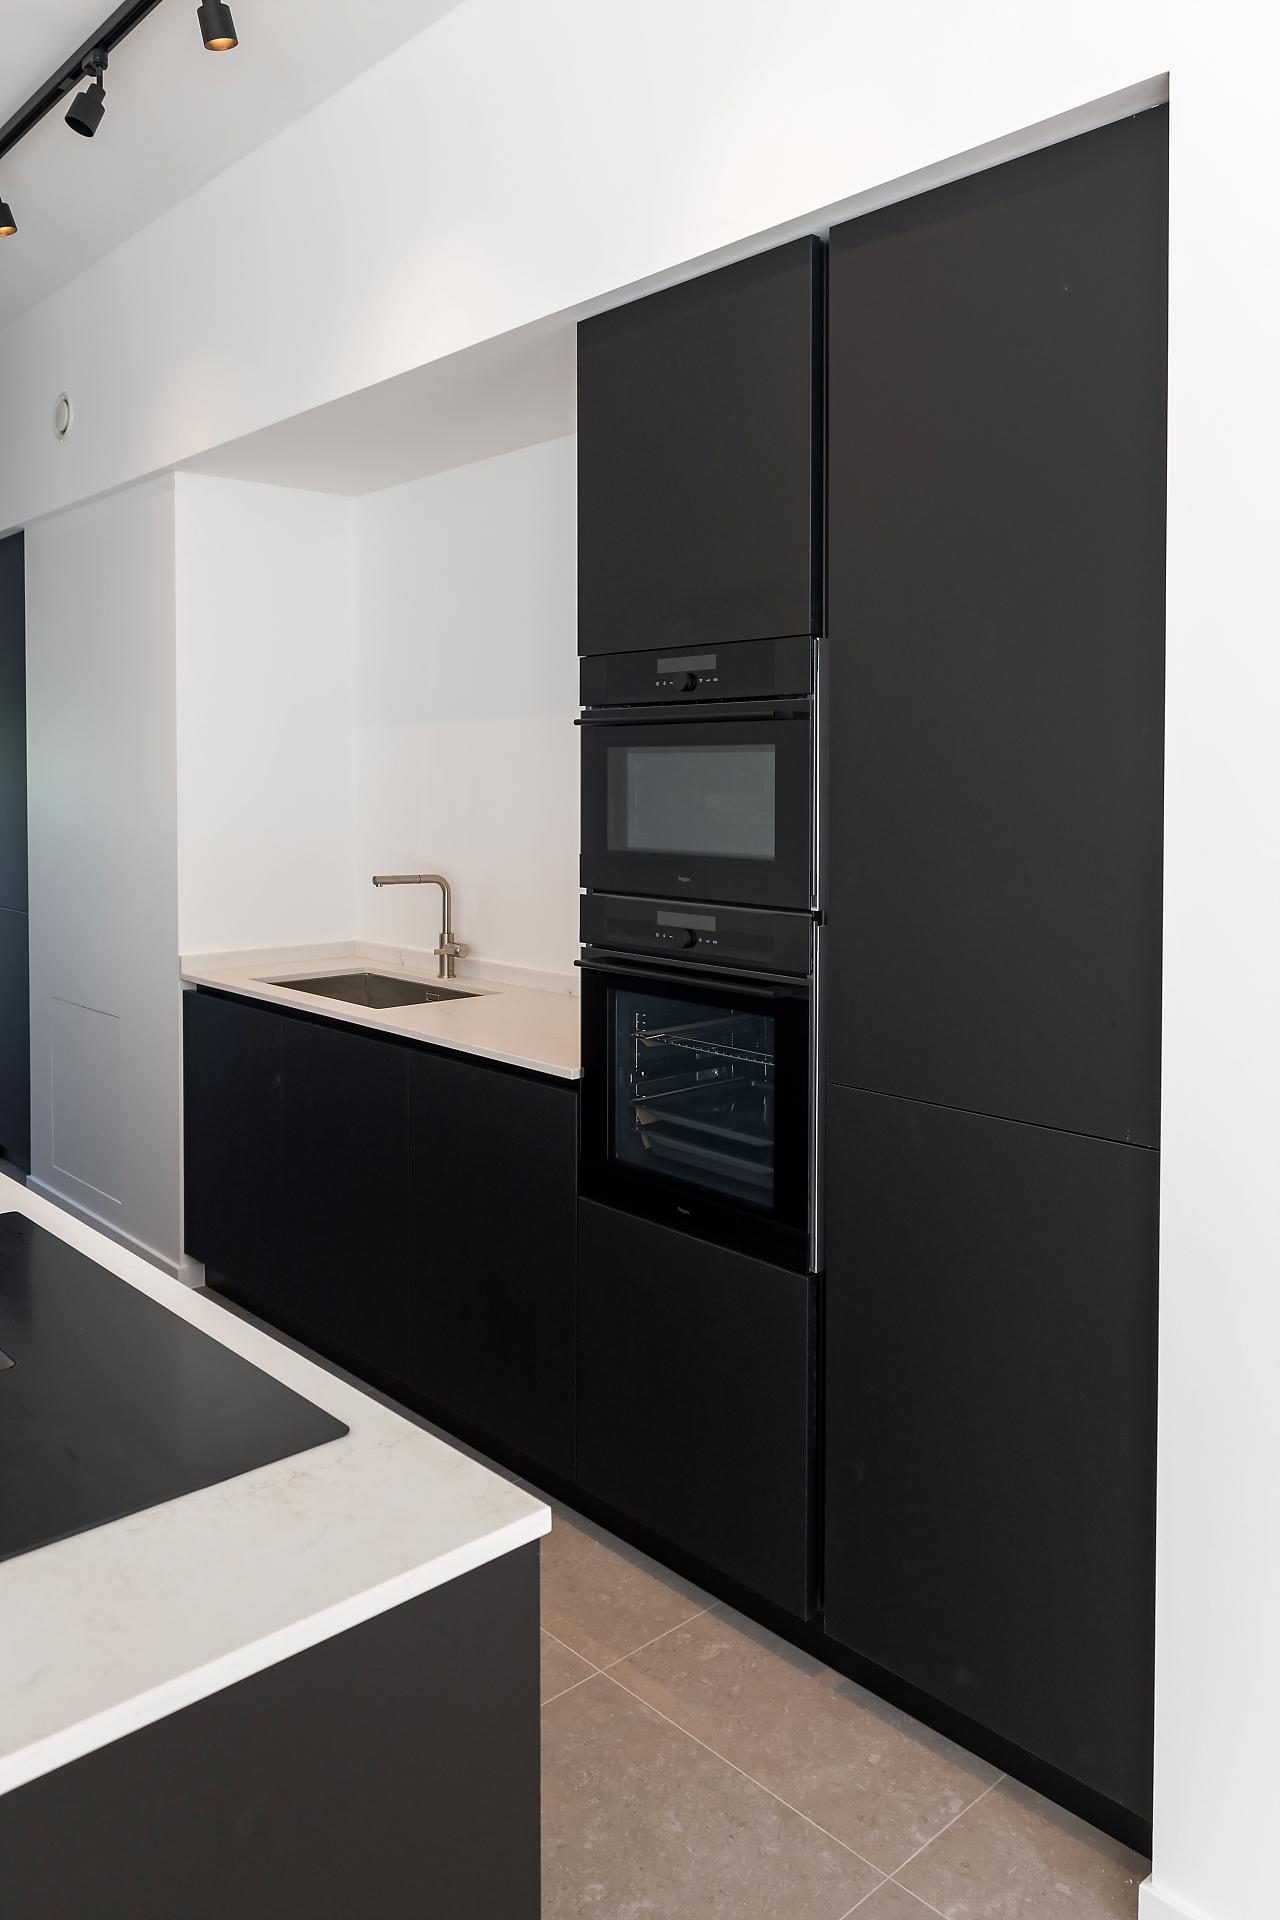 Cuisine moderne sans poignée noir mat | Raison Home Belgium - 2